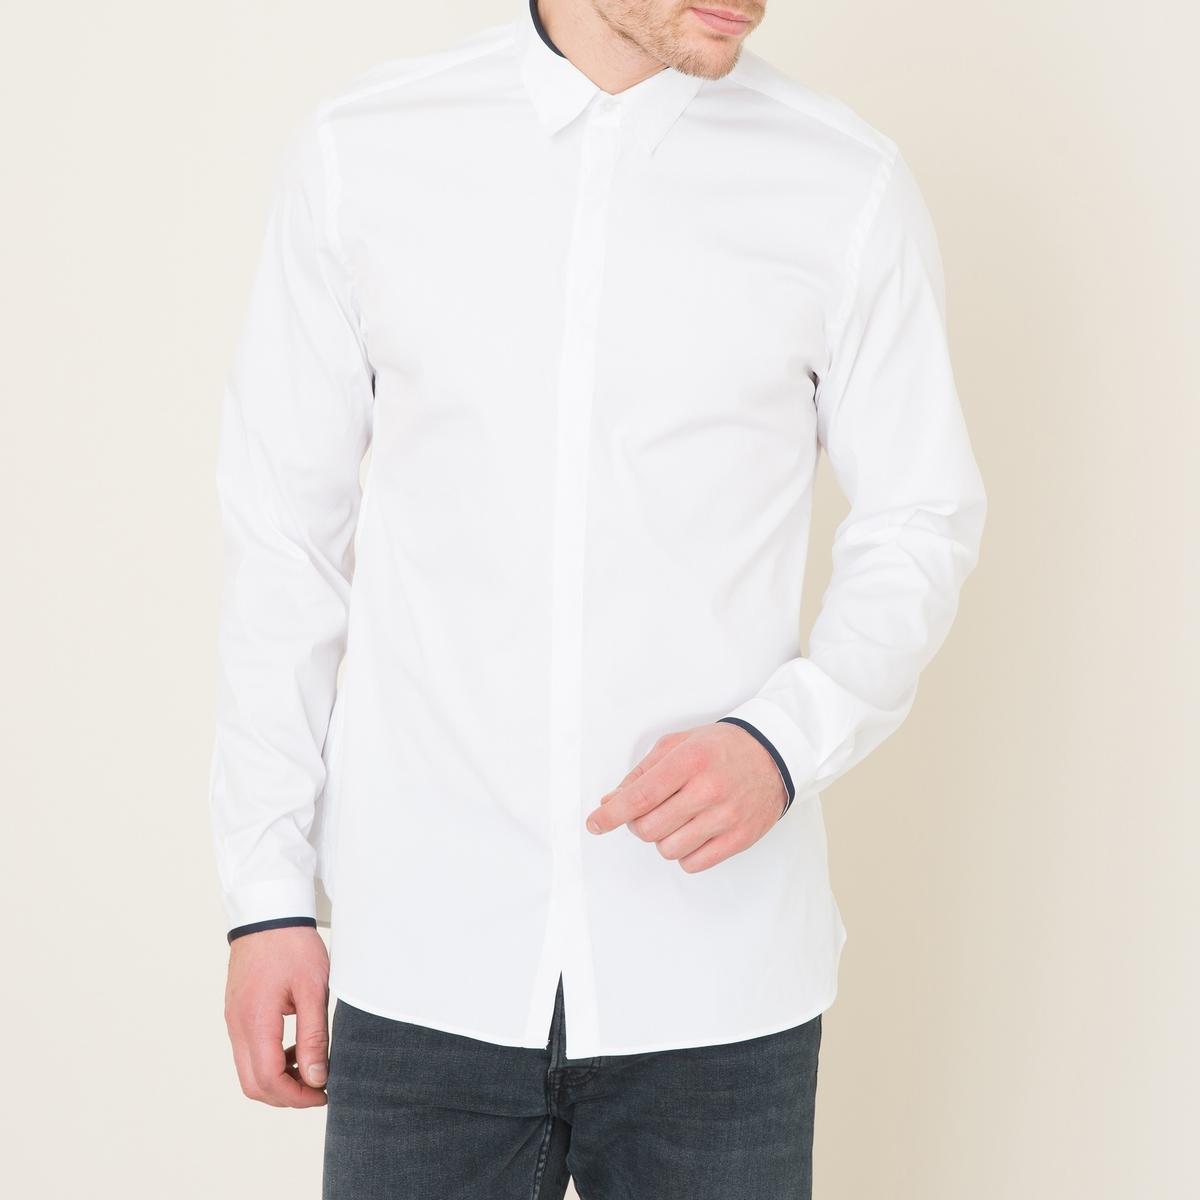 Рубашка классическая однотоннаяСостав и описание:    Материал : 78% хлопка, 18% полиамида, 4% эластана   Вставки 100% полиэстер  Марка : THE KOOPLES<br><br>Цвет: белый